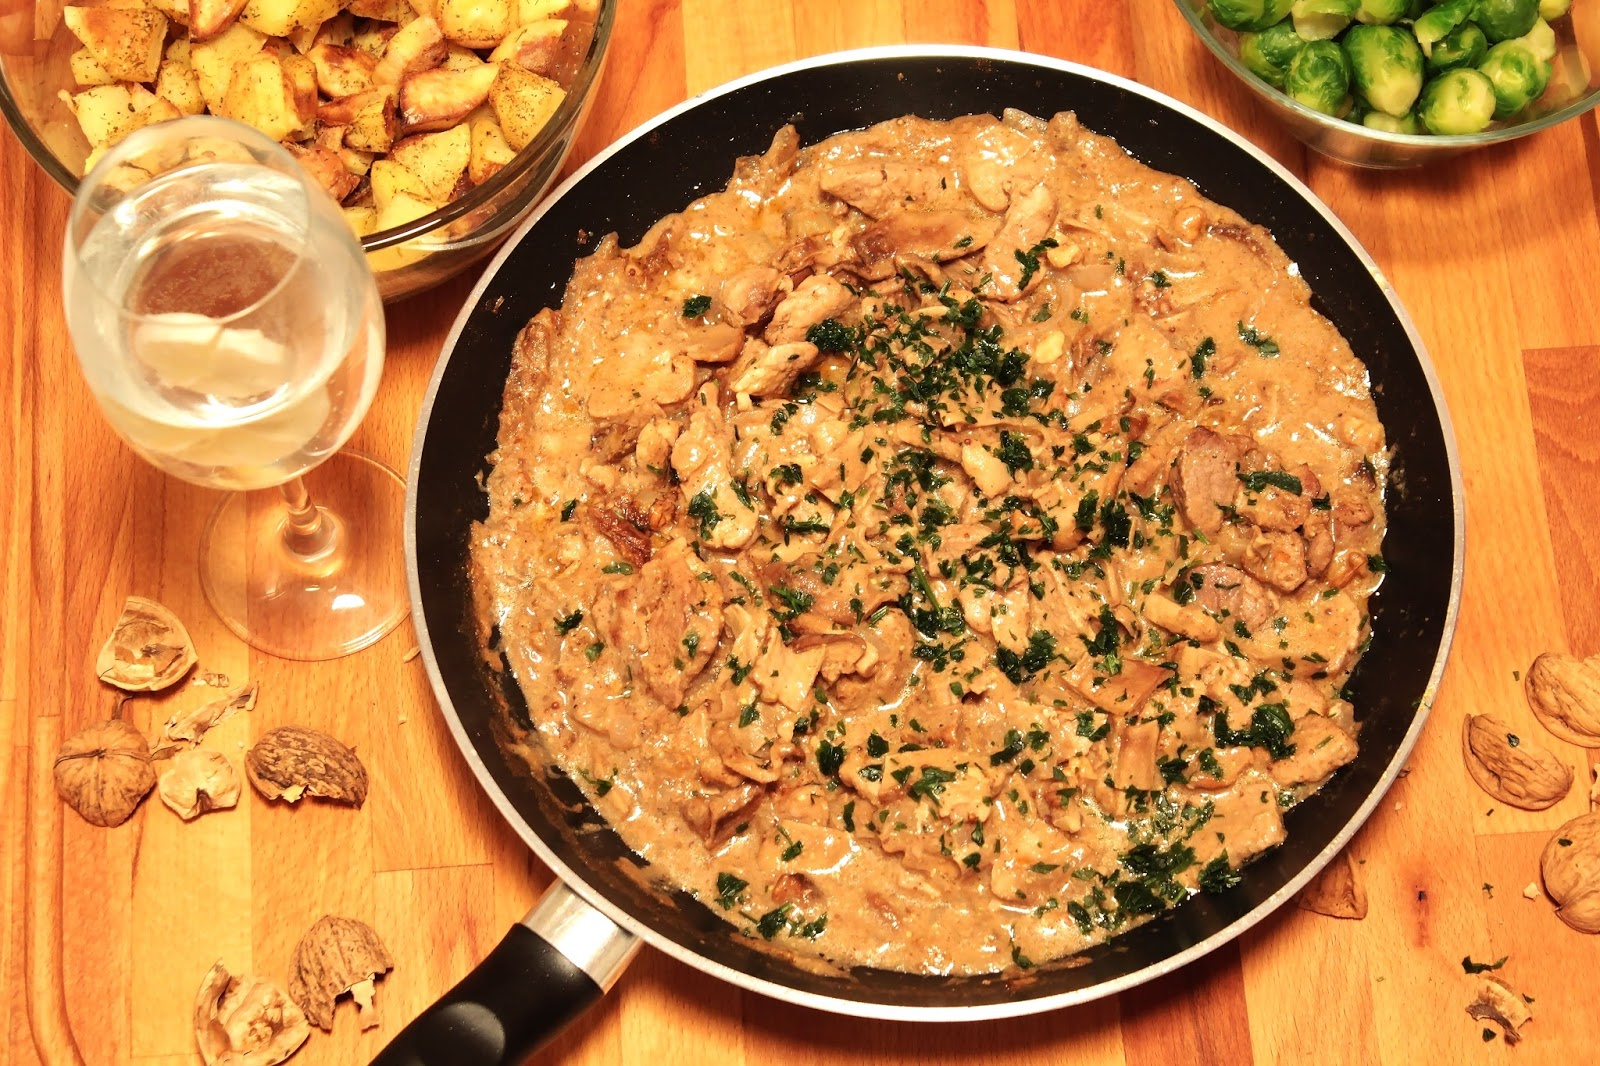 Polędwiczki wieprzowe w sosie grzybowo-musztardowym z orzechami włoskimi